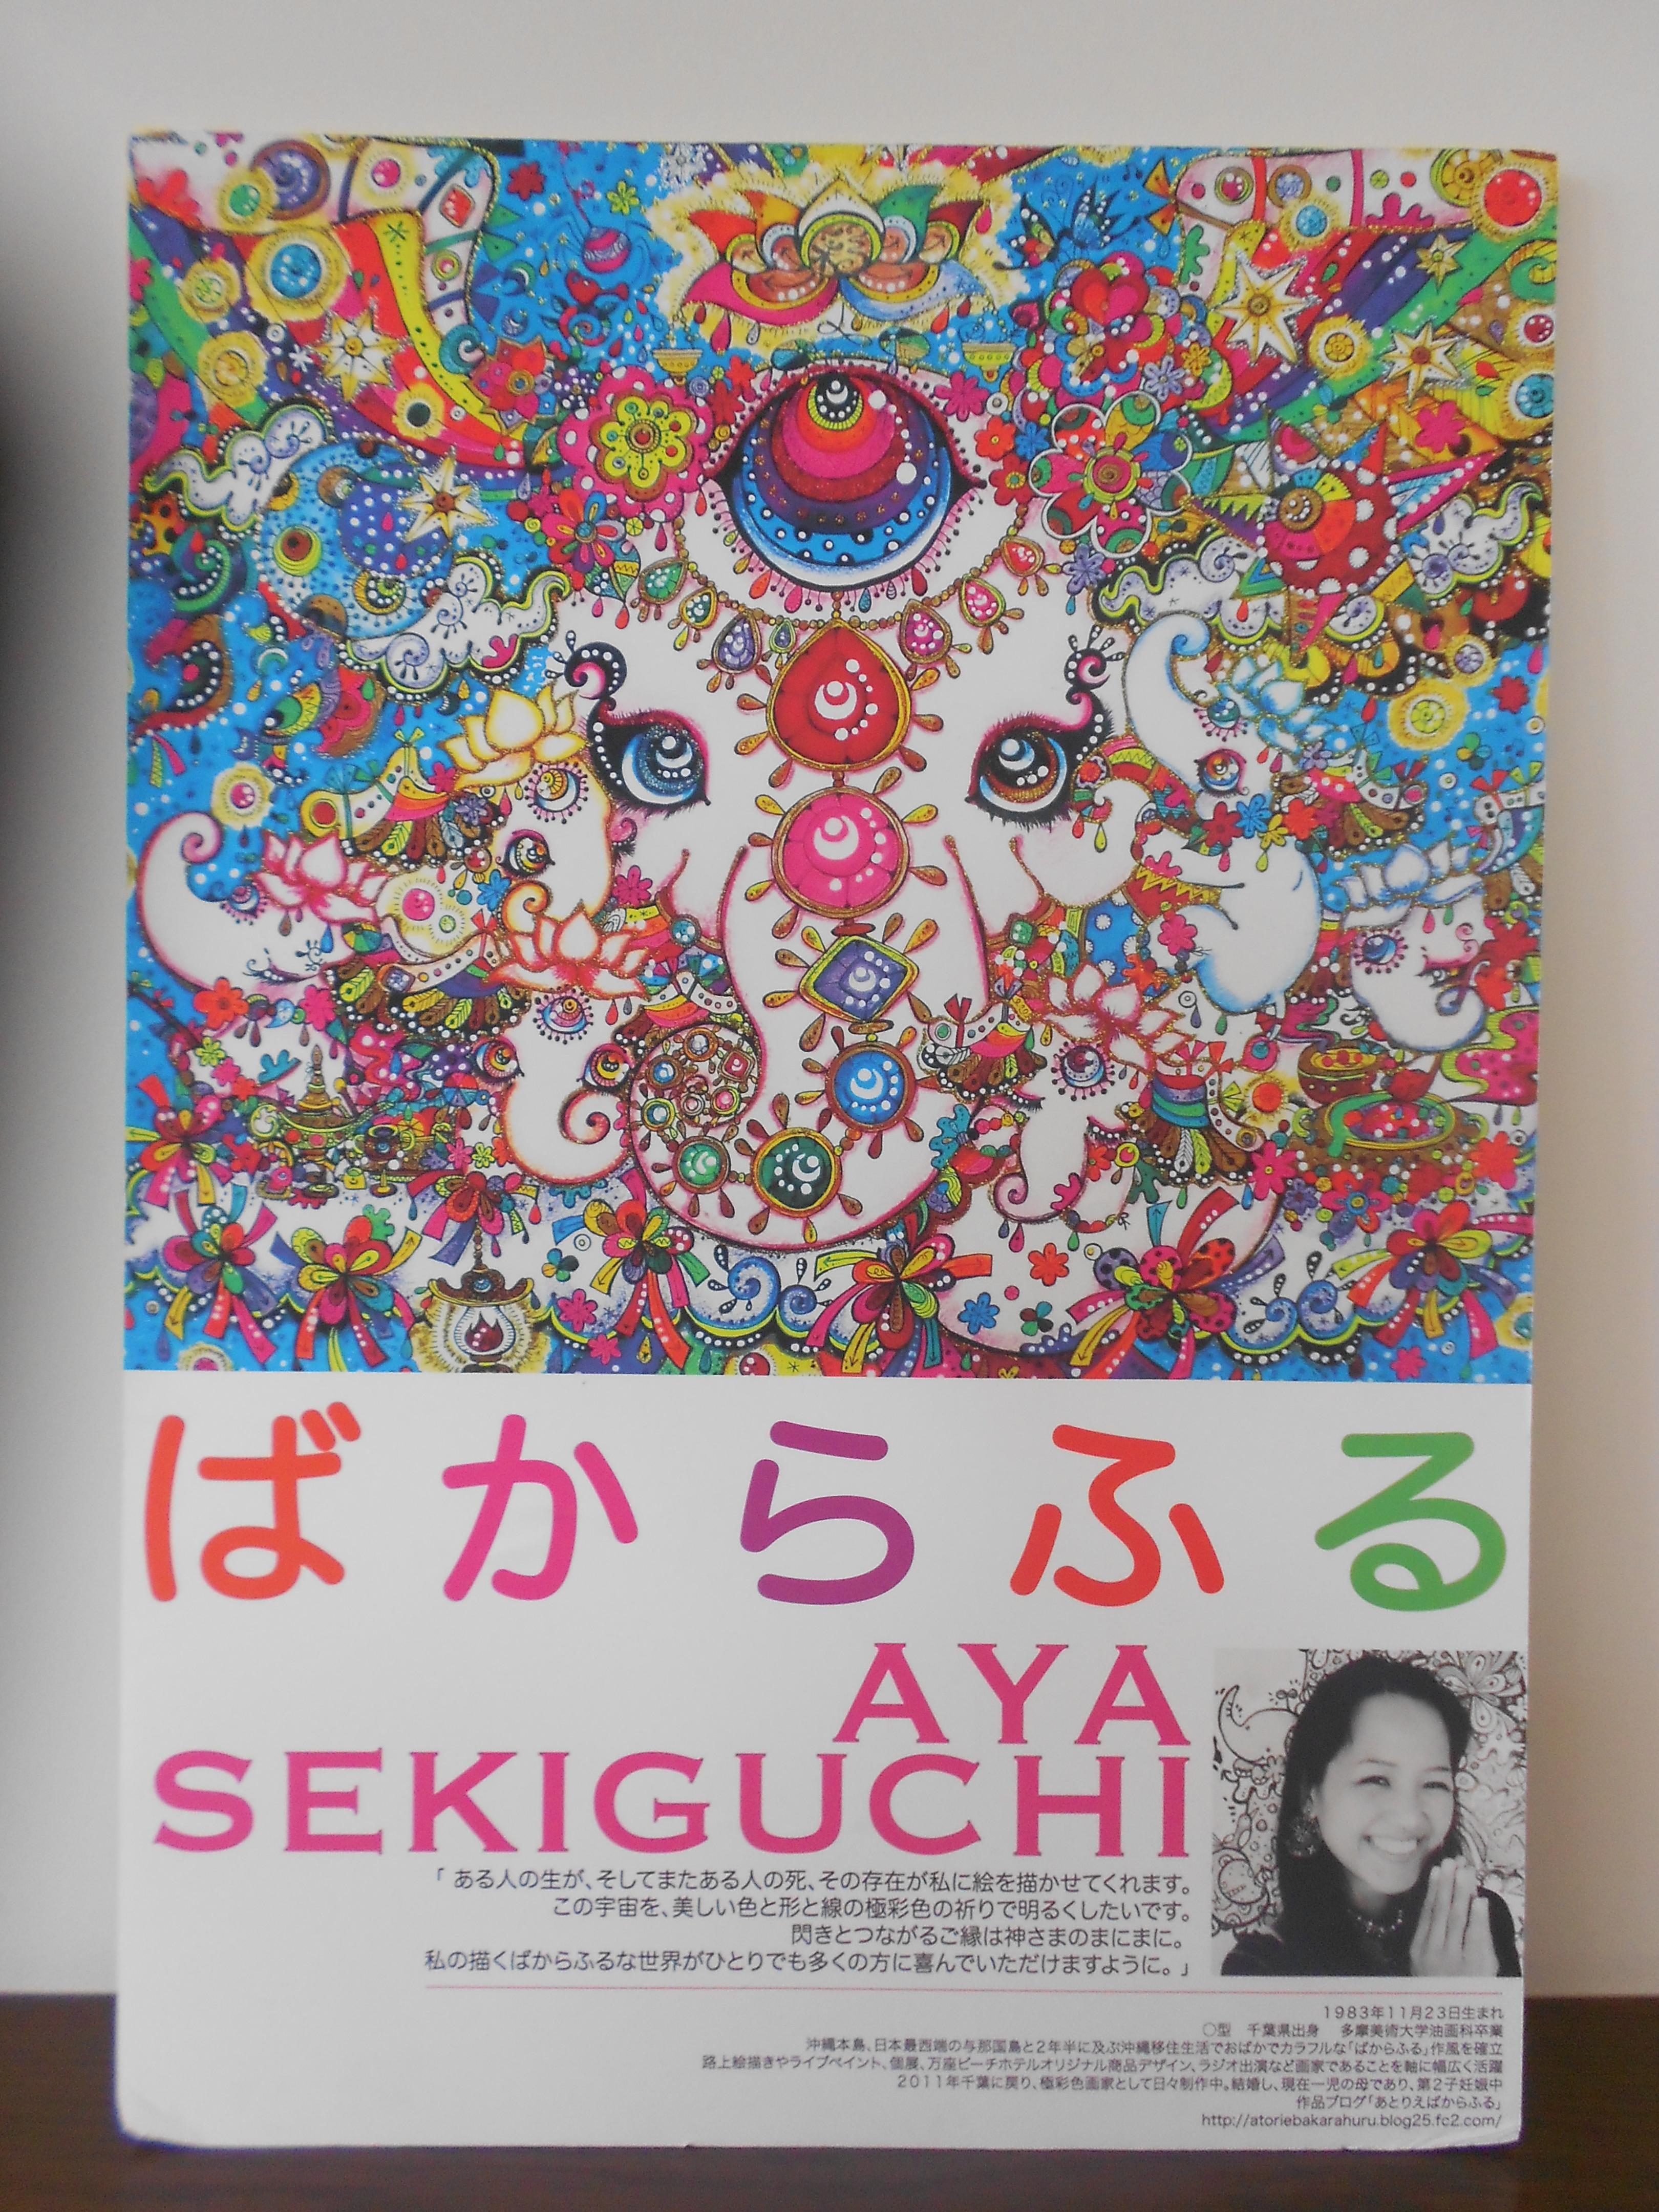 極彩色画家 せきぐち彩さん【夢画夢中展】開催中!